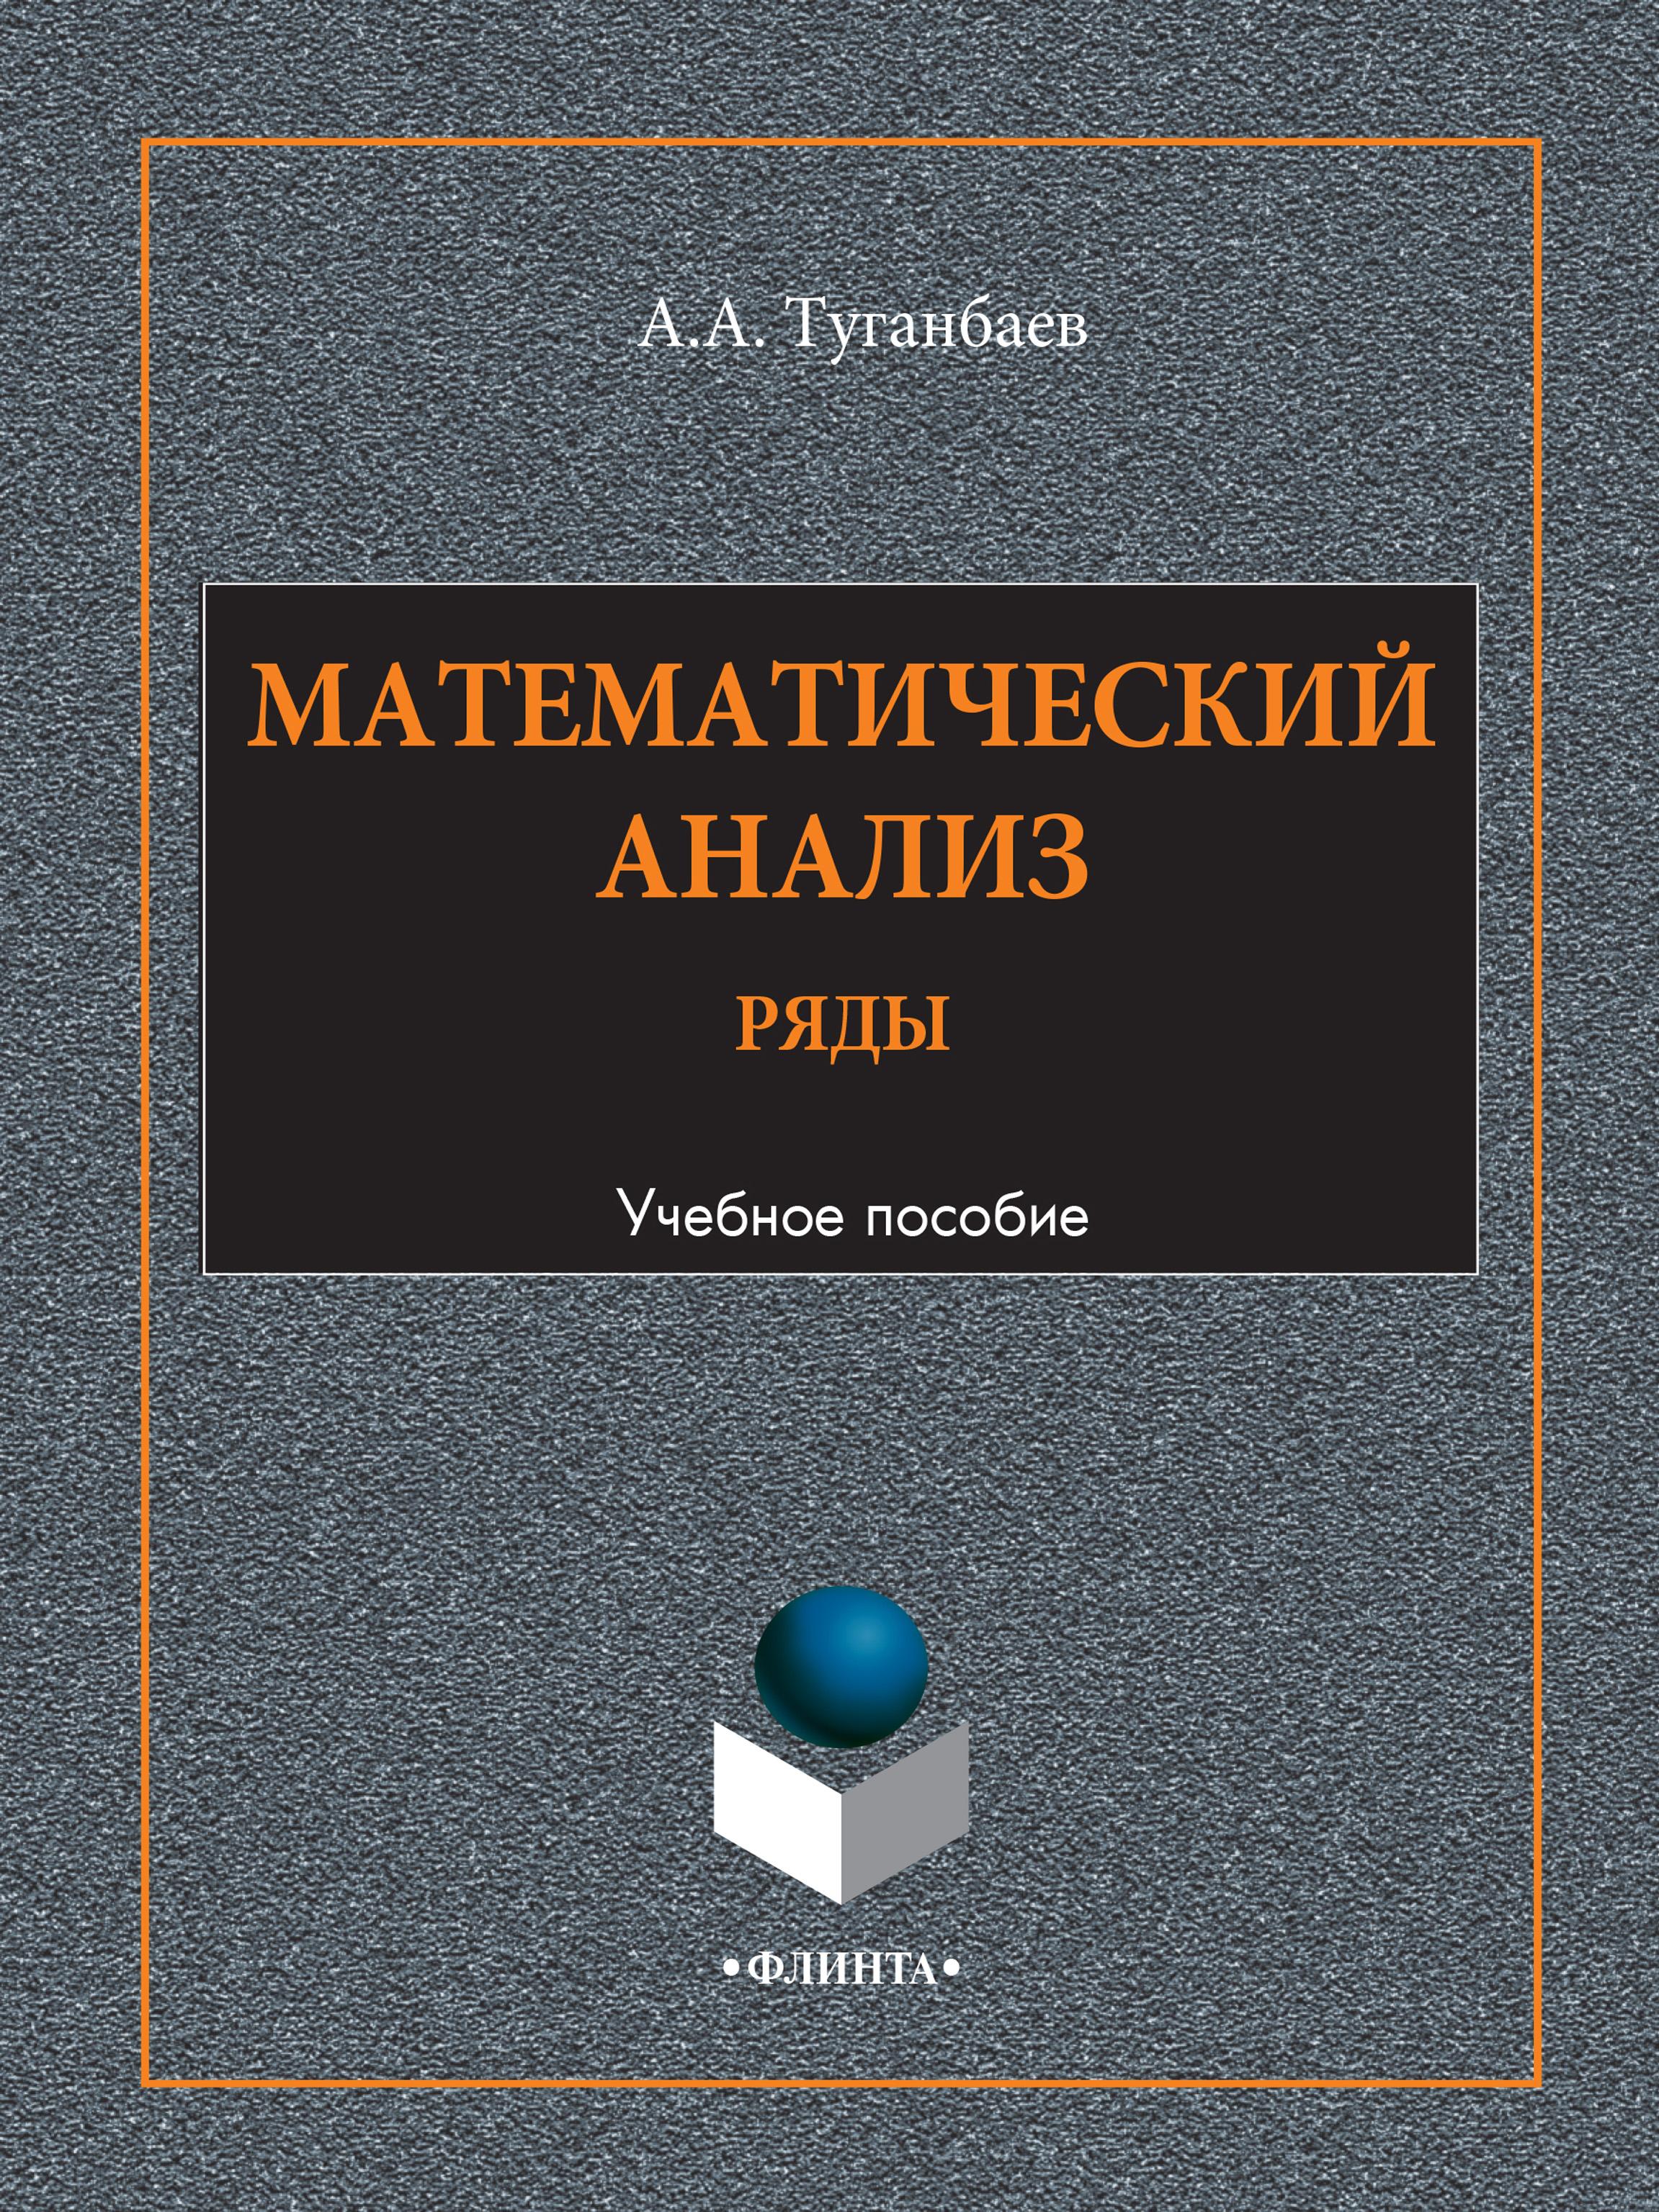 А. А. Туганбаев Математический анализ. Ряды. Учебное пособие